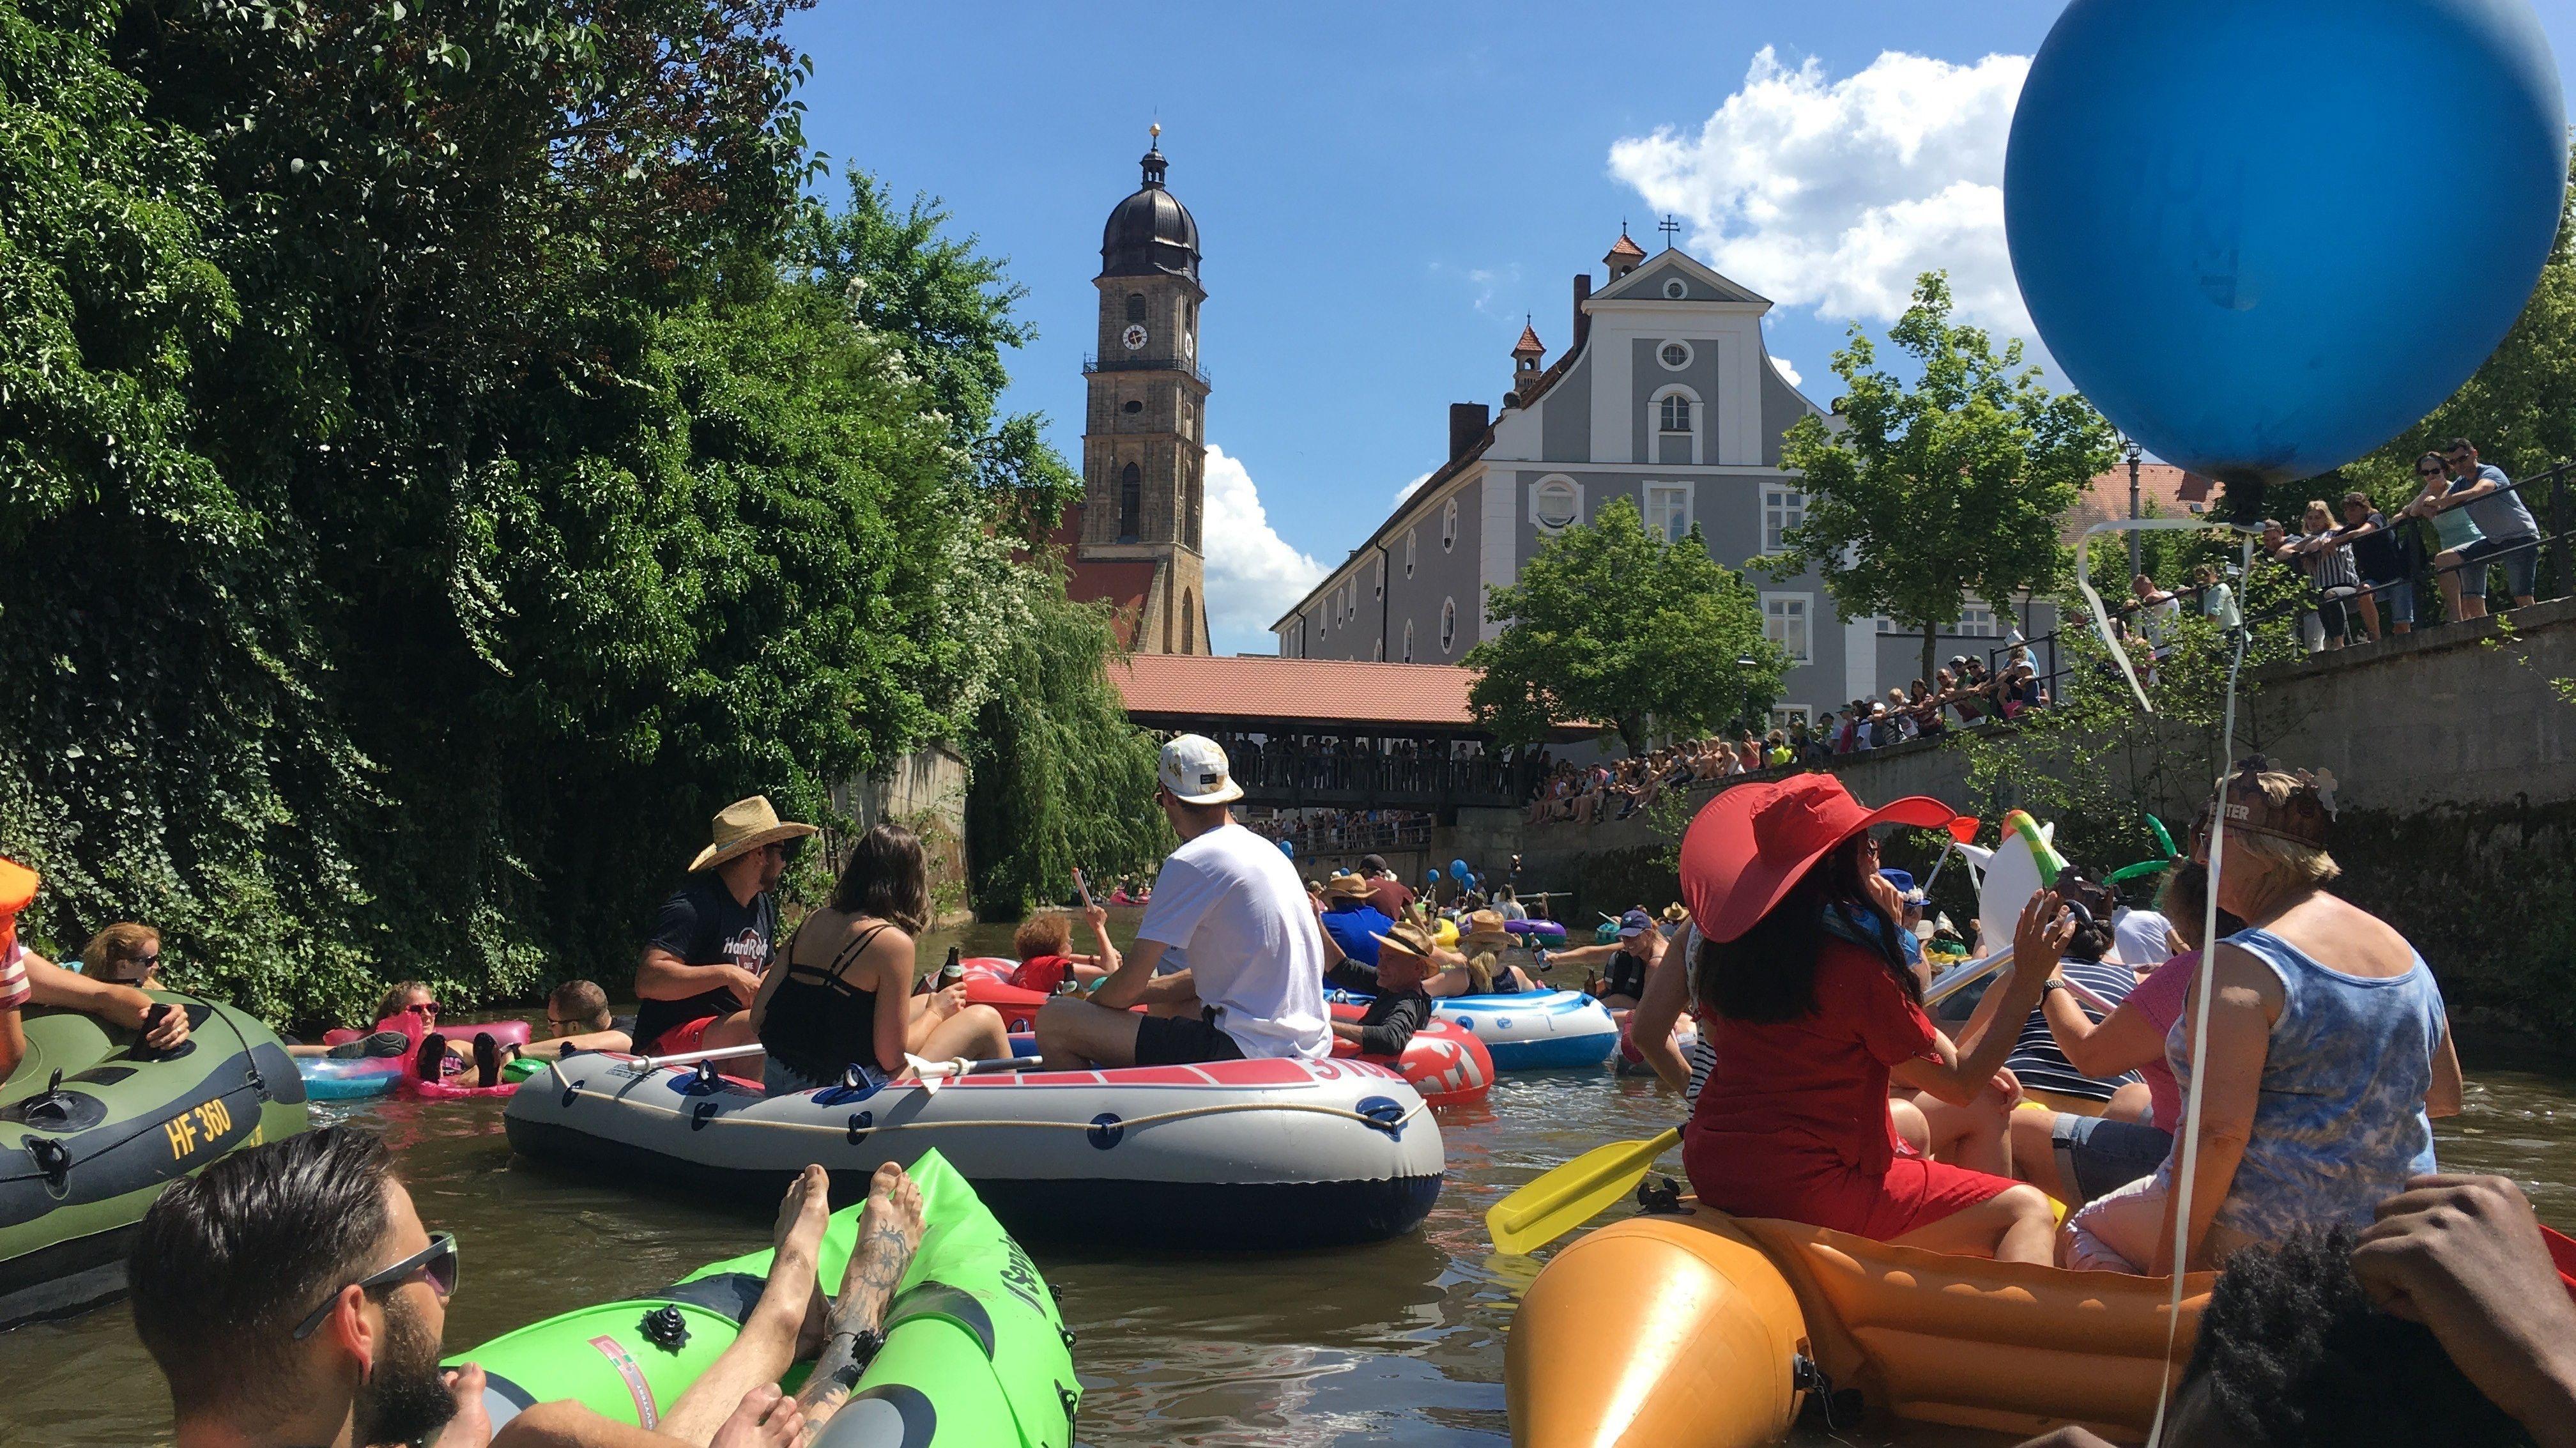 Das alljährliche Luftboottreffen ist sonst im Sommer eine Attraktion in Amberg.